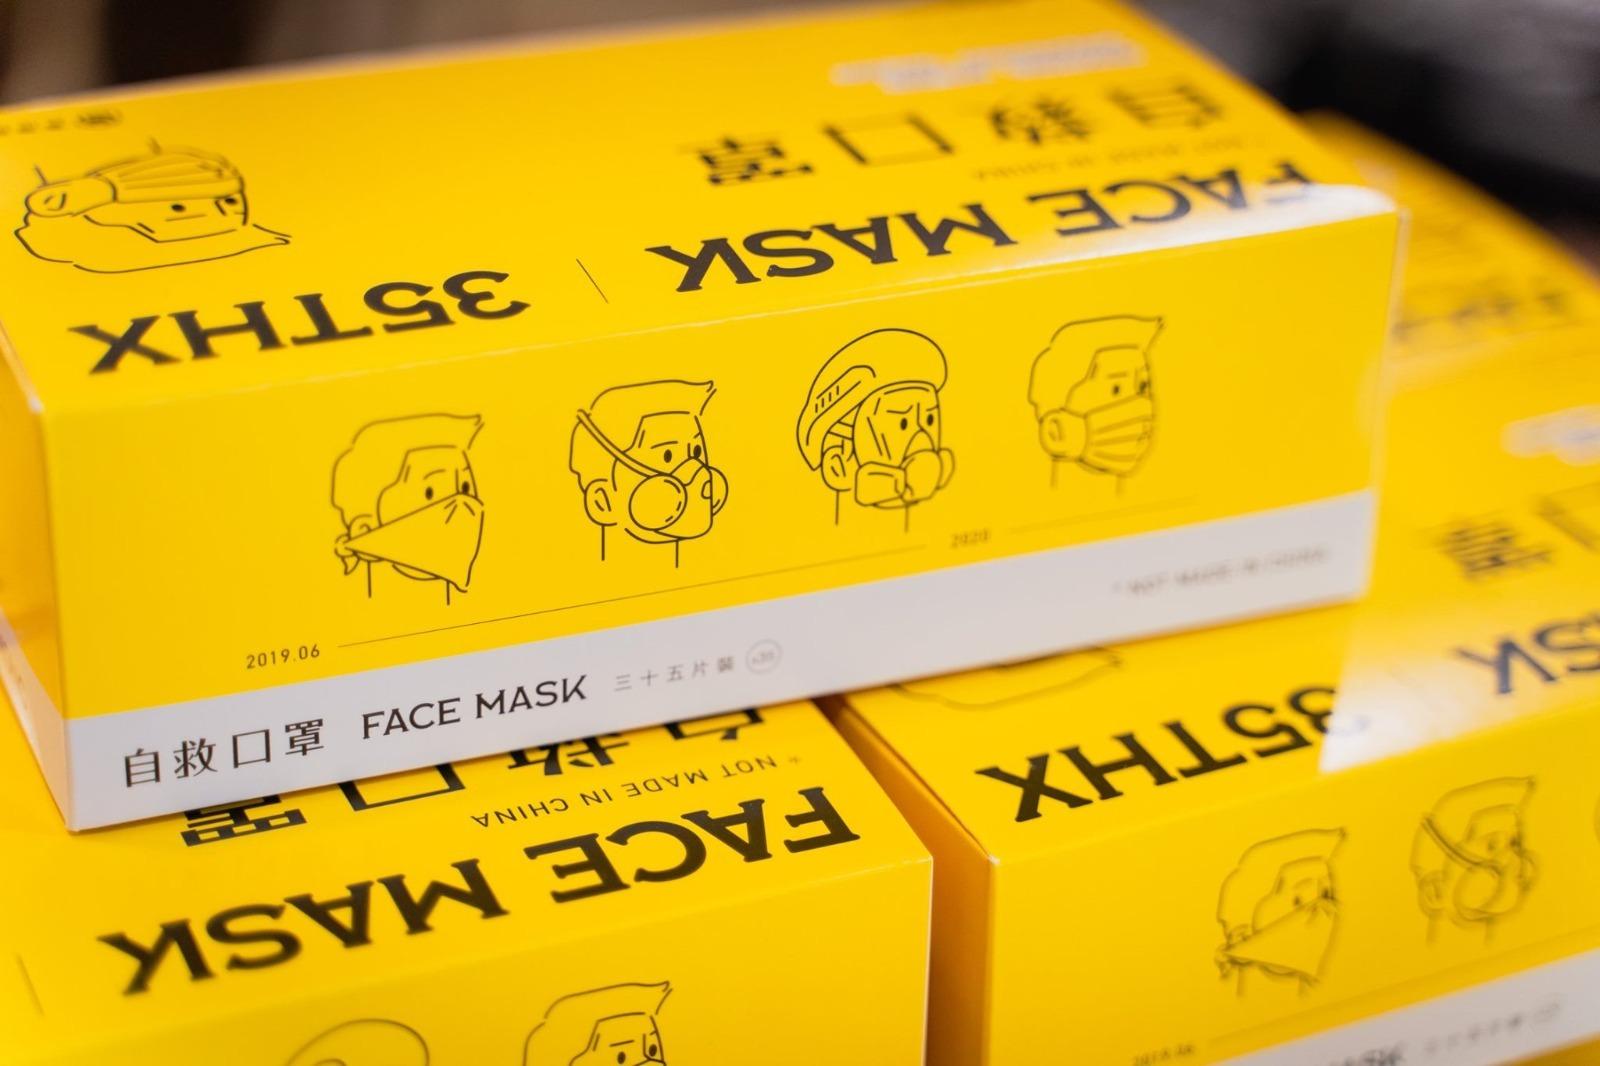 今年4月,前「香港眾志」推出其搜購的逾100萬口罩,再包裝成「自救口罩」後與「黃店」合作出售。(自救口罩Facebook)